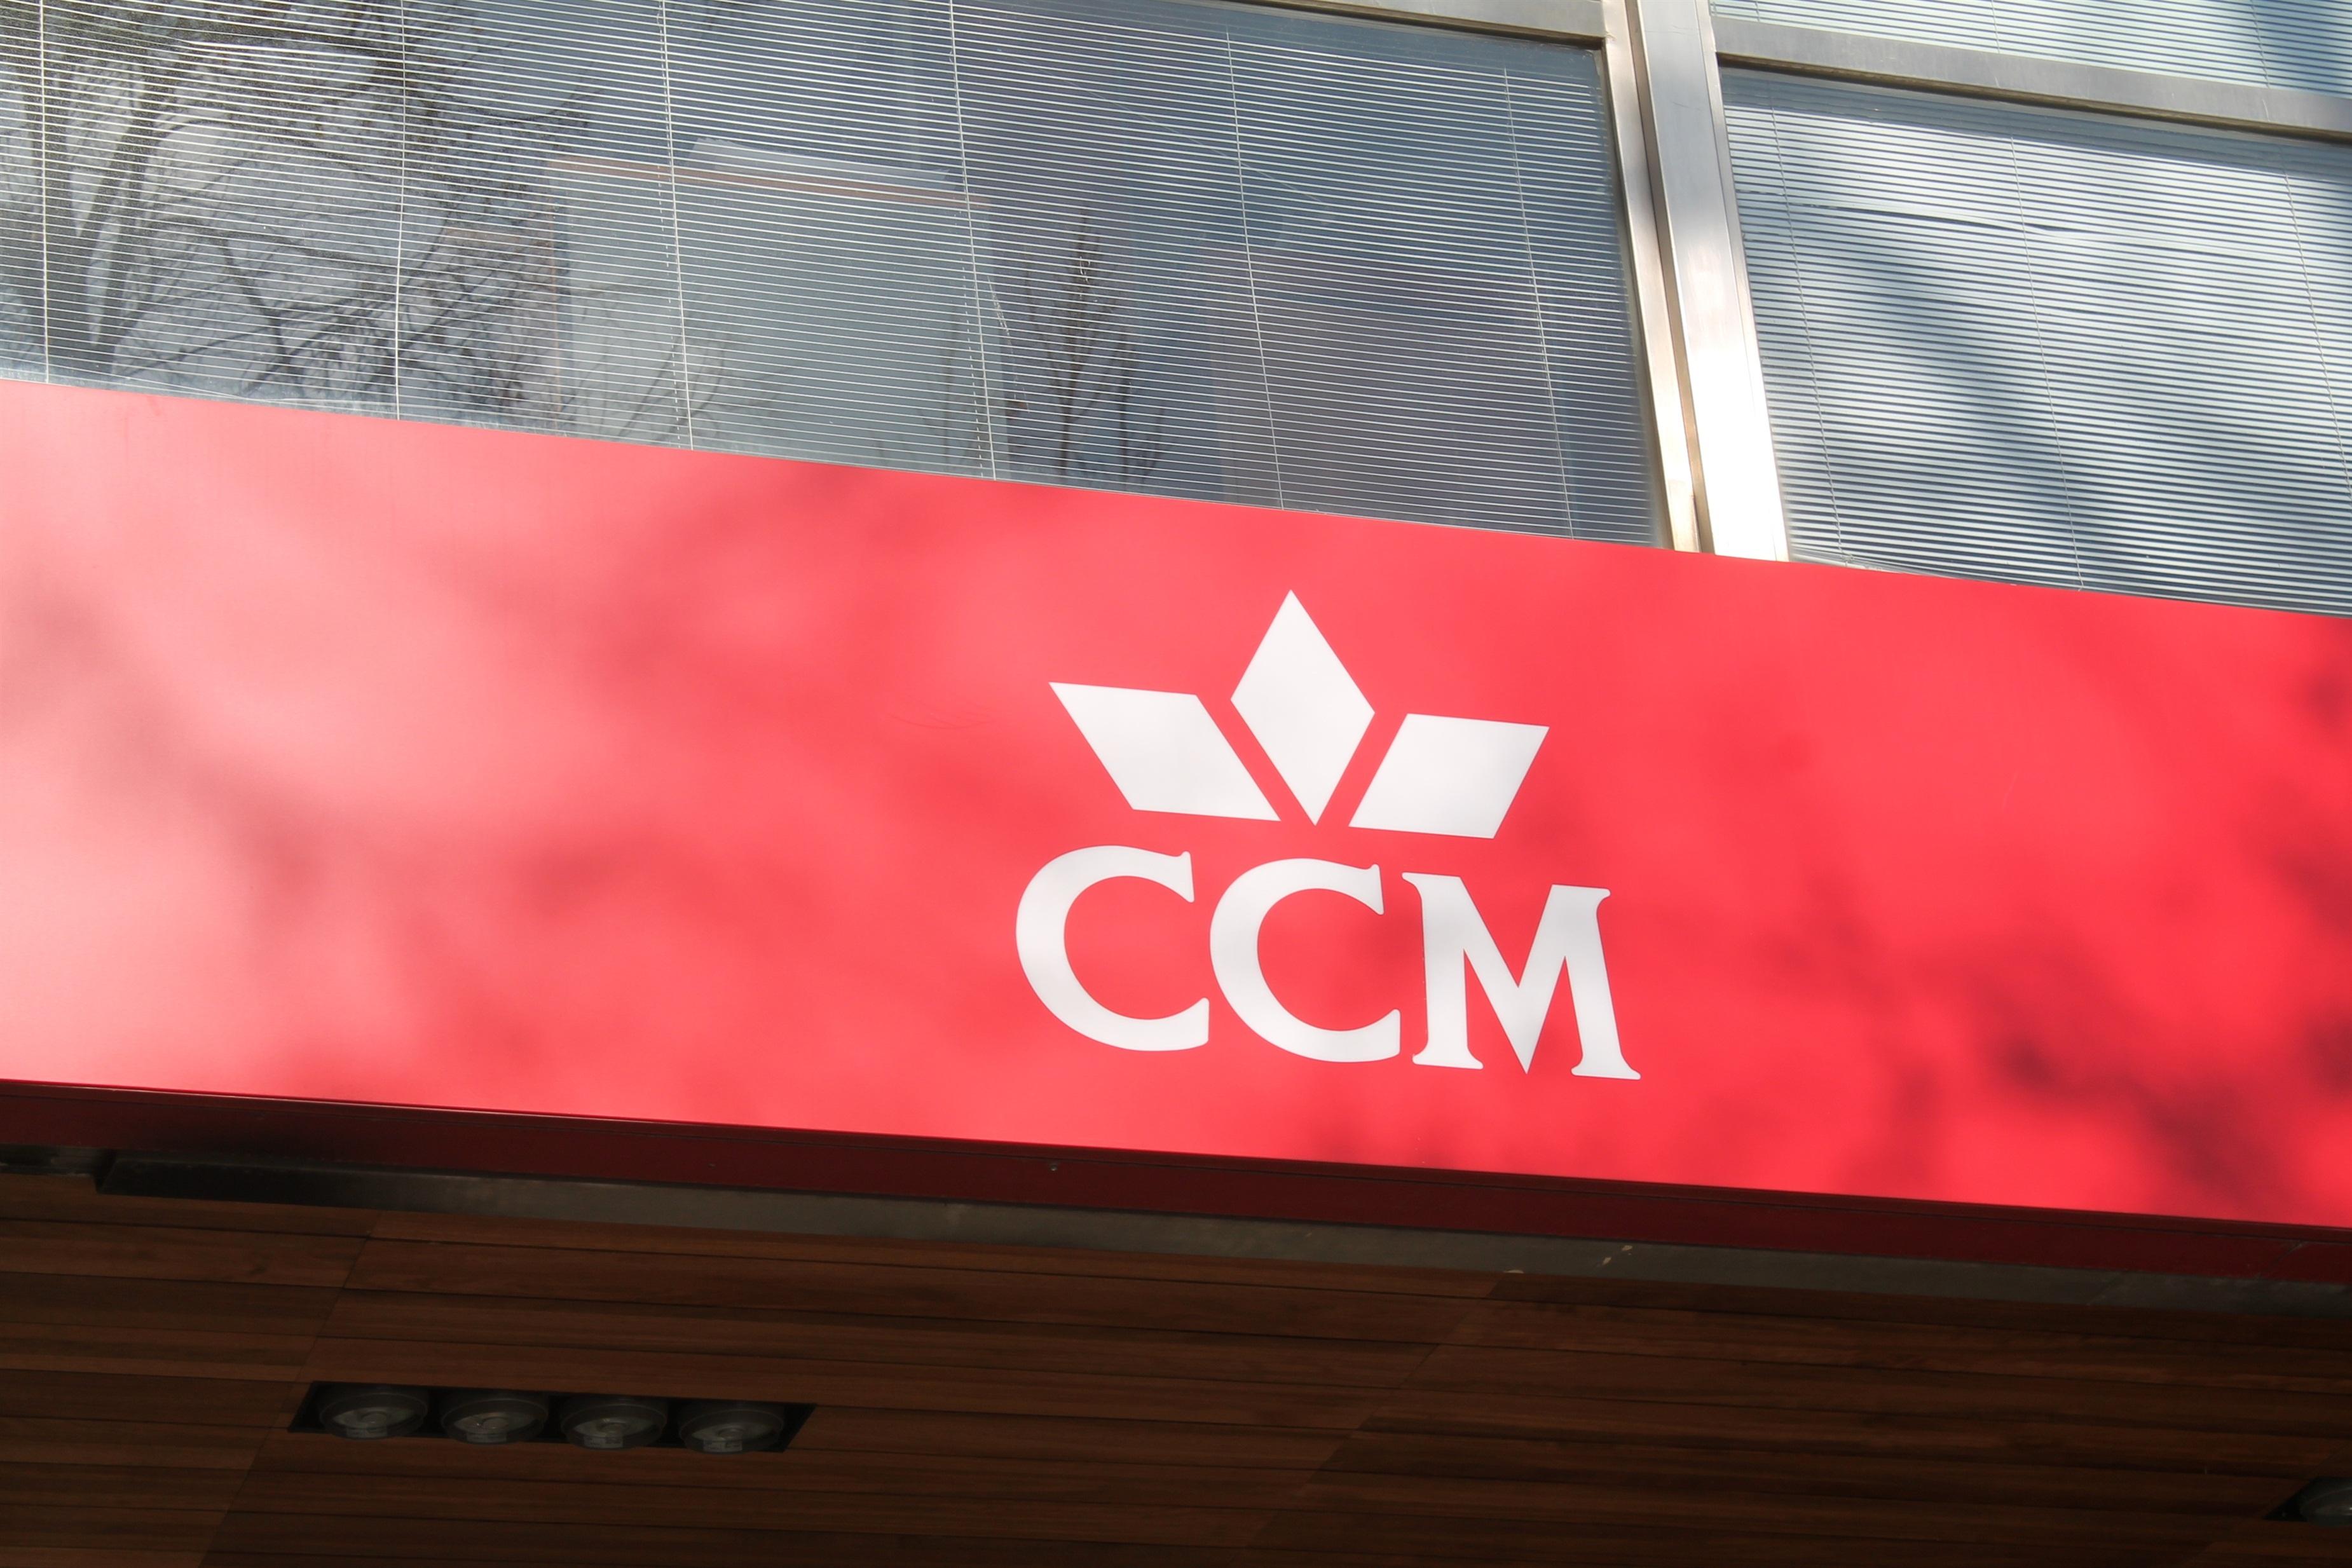 La CNMV comunica el nombramiento de Tomás García-Cuenca como vicepresidente del Banco CCM